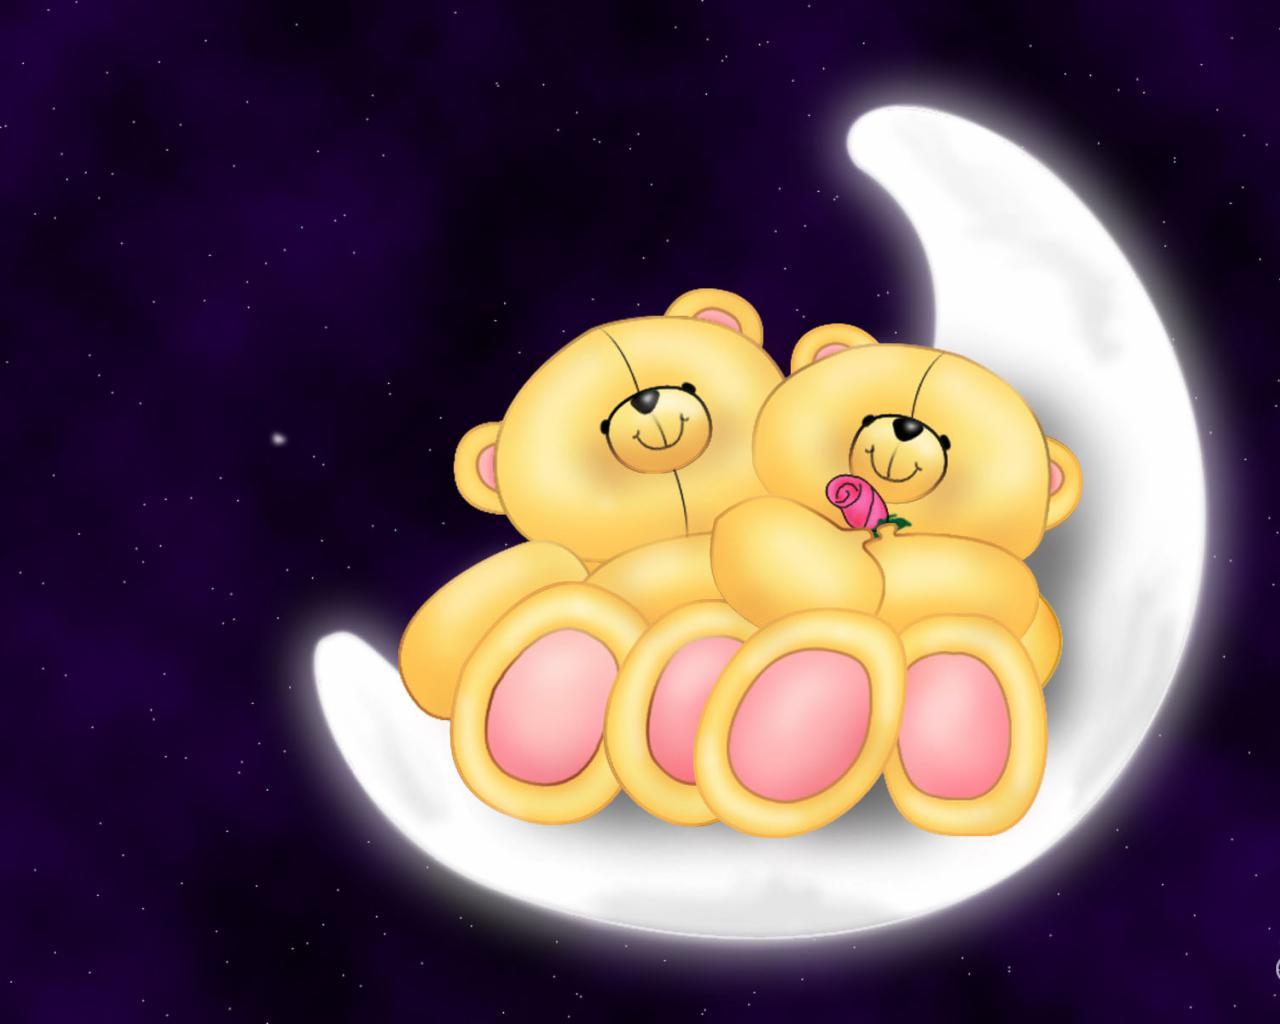 Пожелания спокойной ночи для любимой девушке в стихах